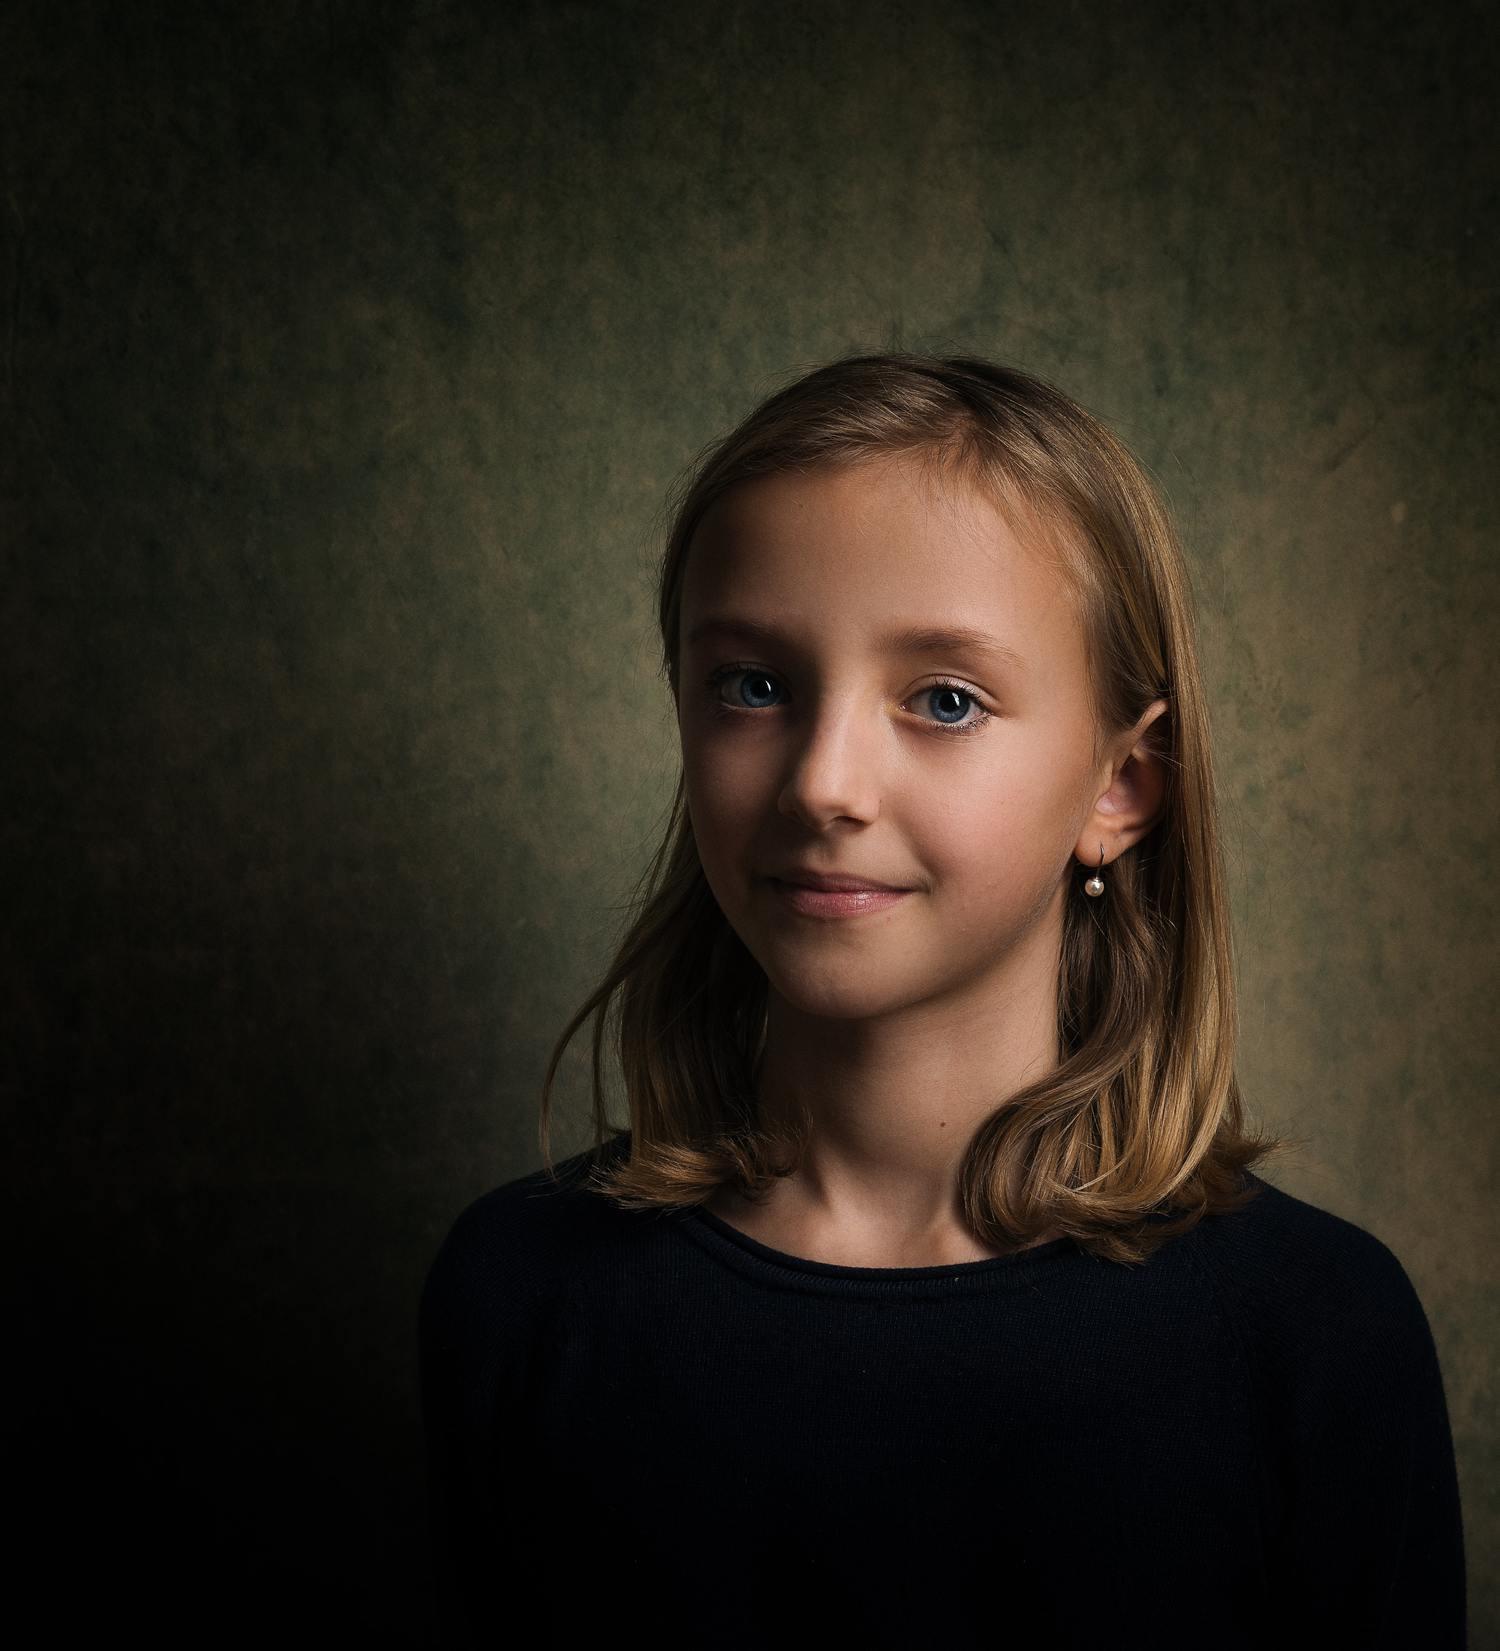 retrato nitidez niña